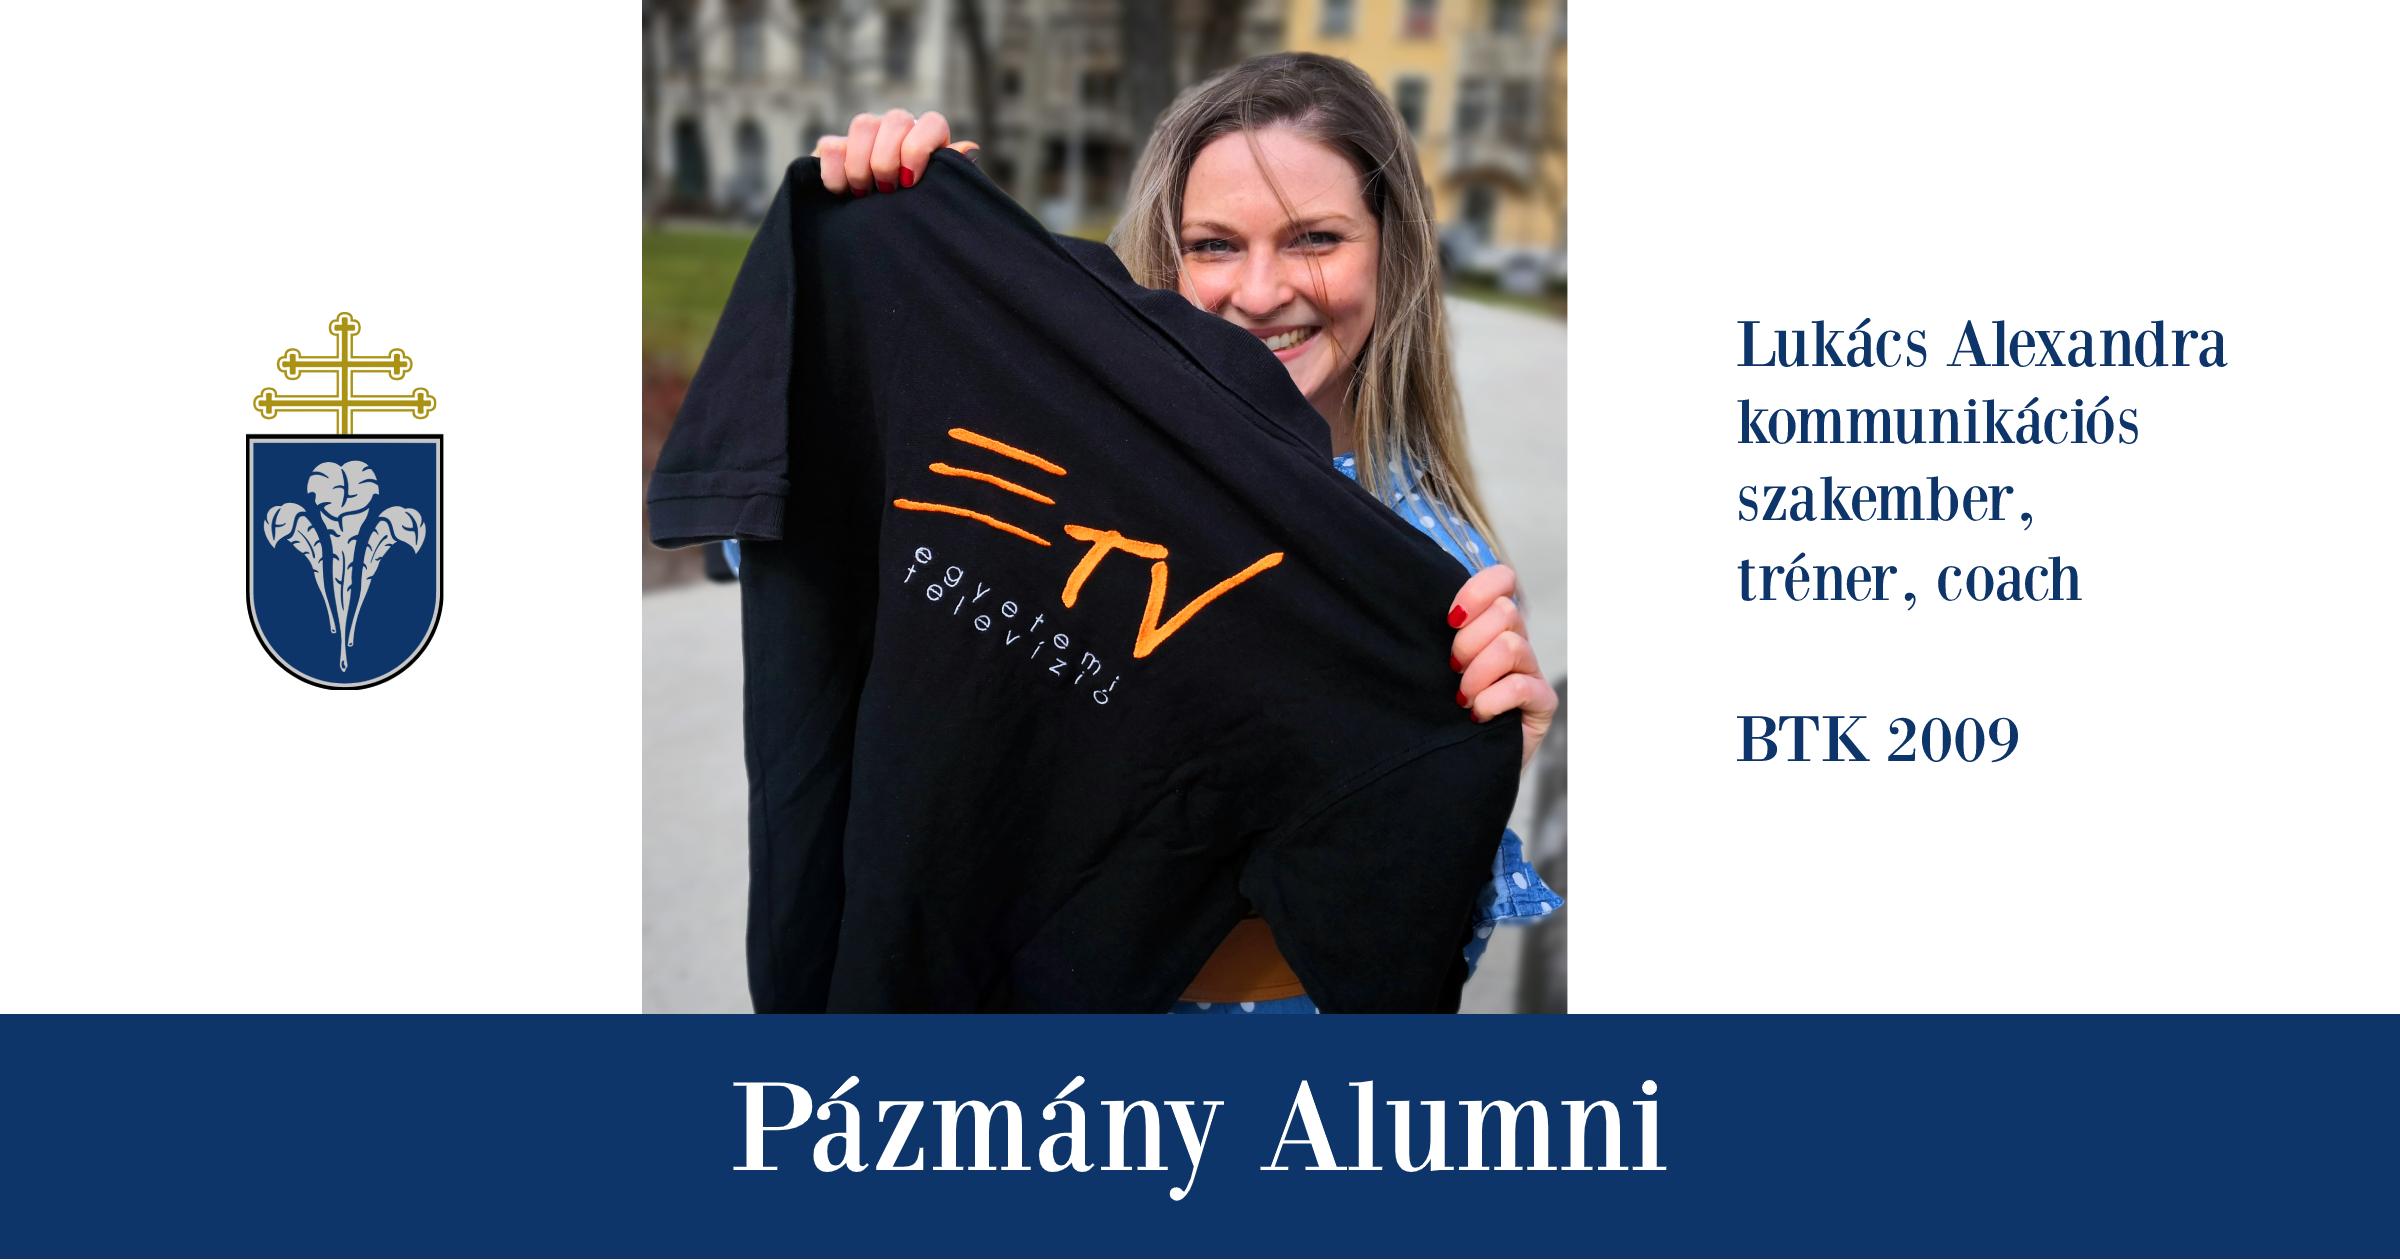 Pázmány Alumni: interjú Lukács Alexandrával, a BTK egykori hallgatójával